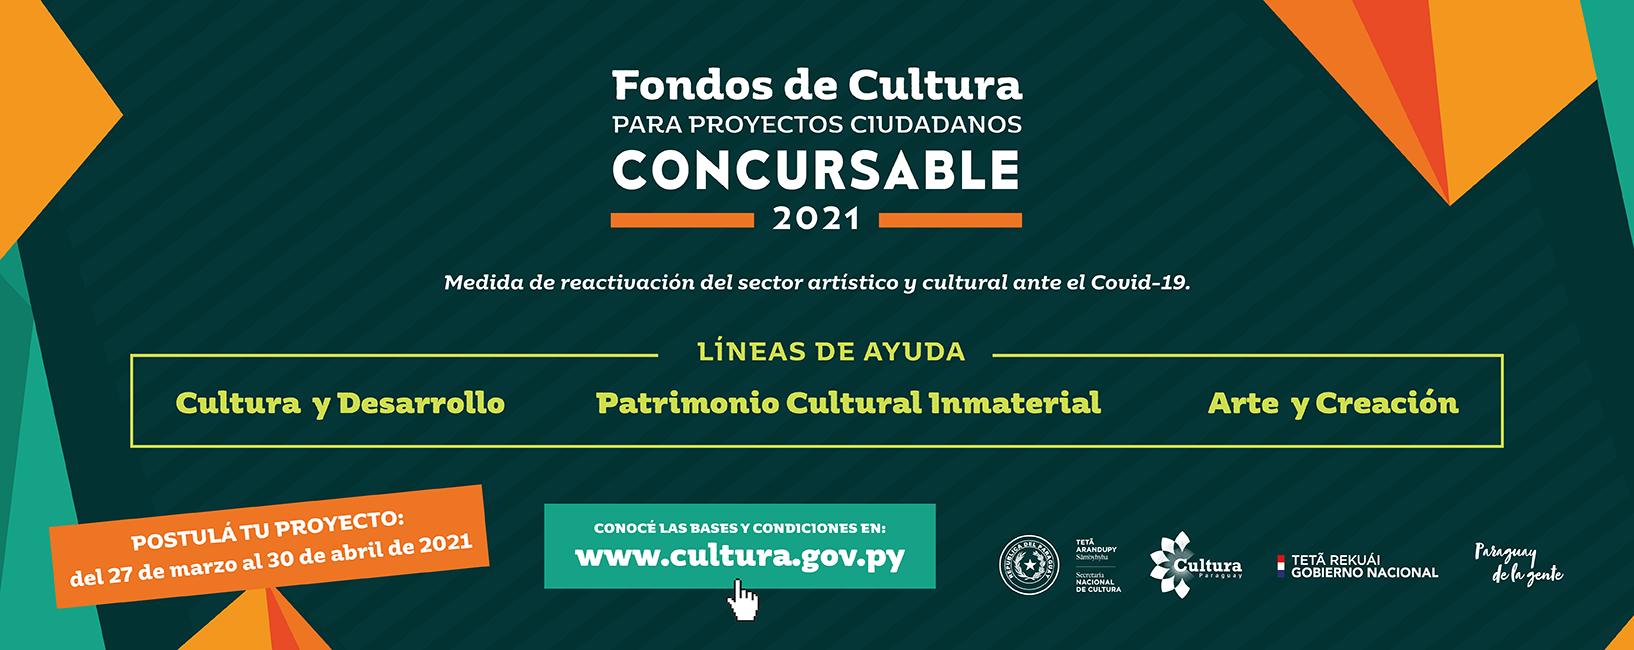 Fondos de Cultura para Proyectos Ciudadanos – Concursable 2021 imagen